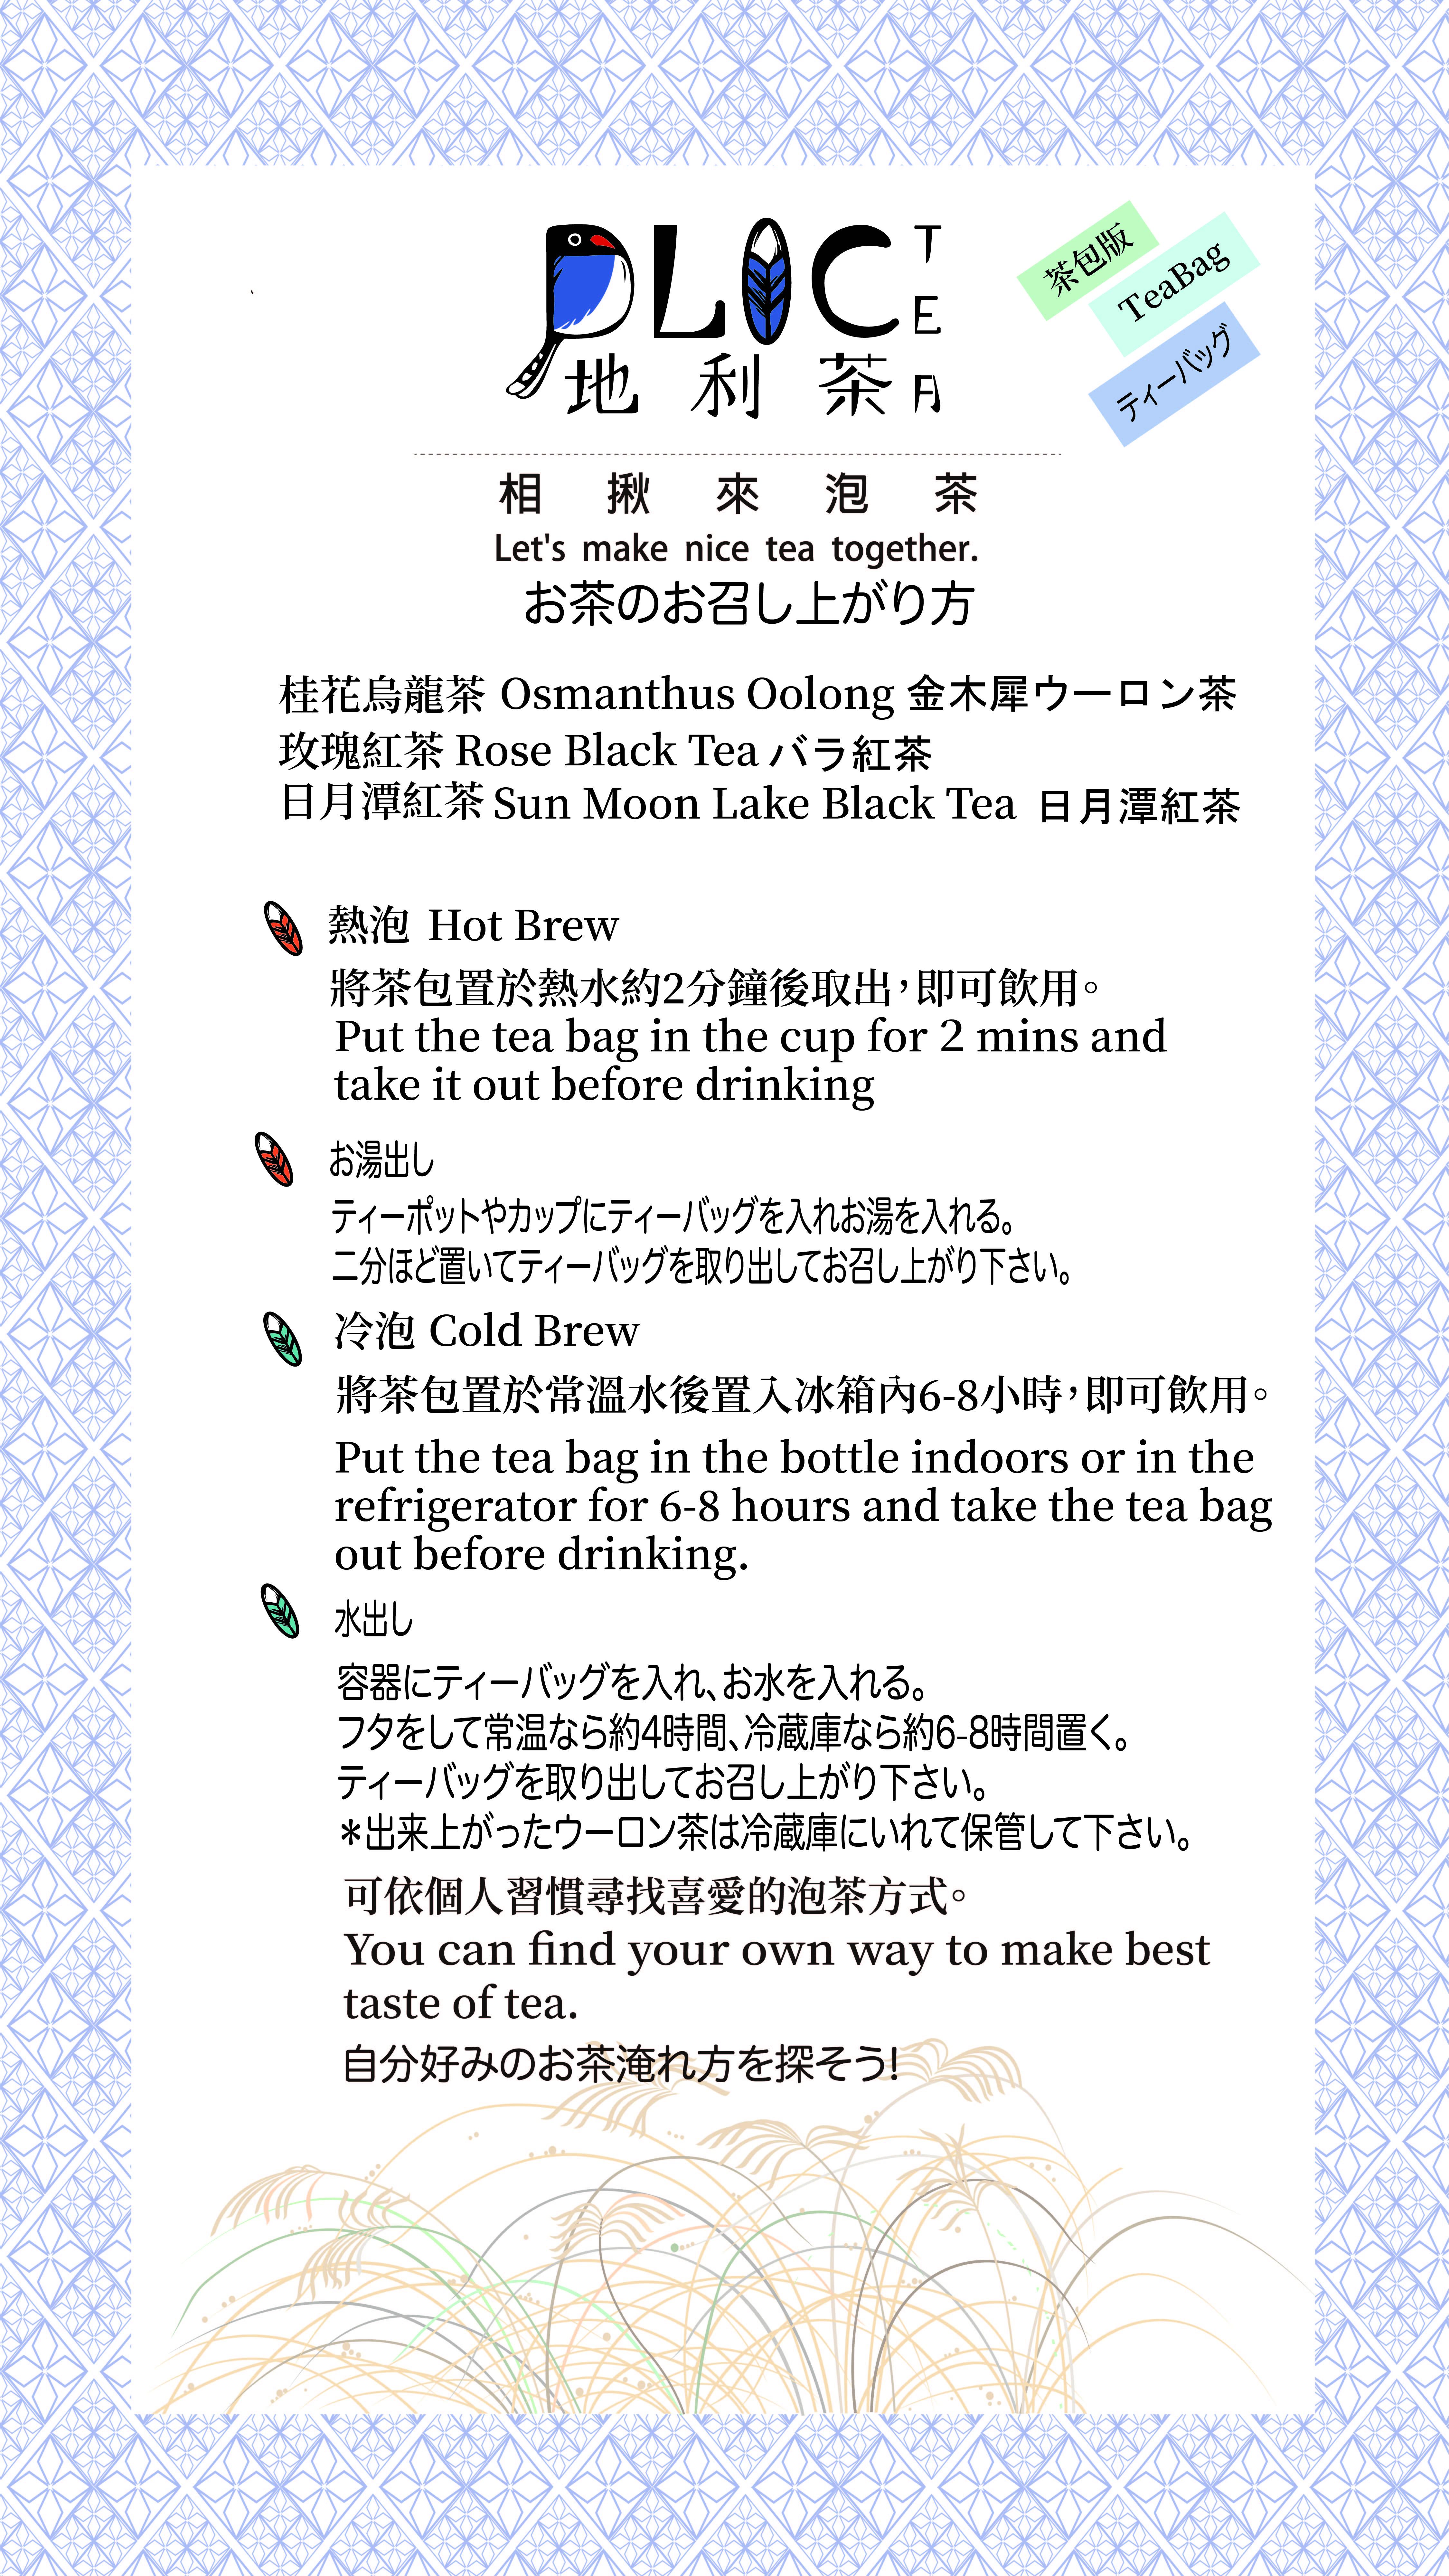 茶包說明卡-02.jpg